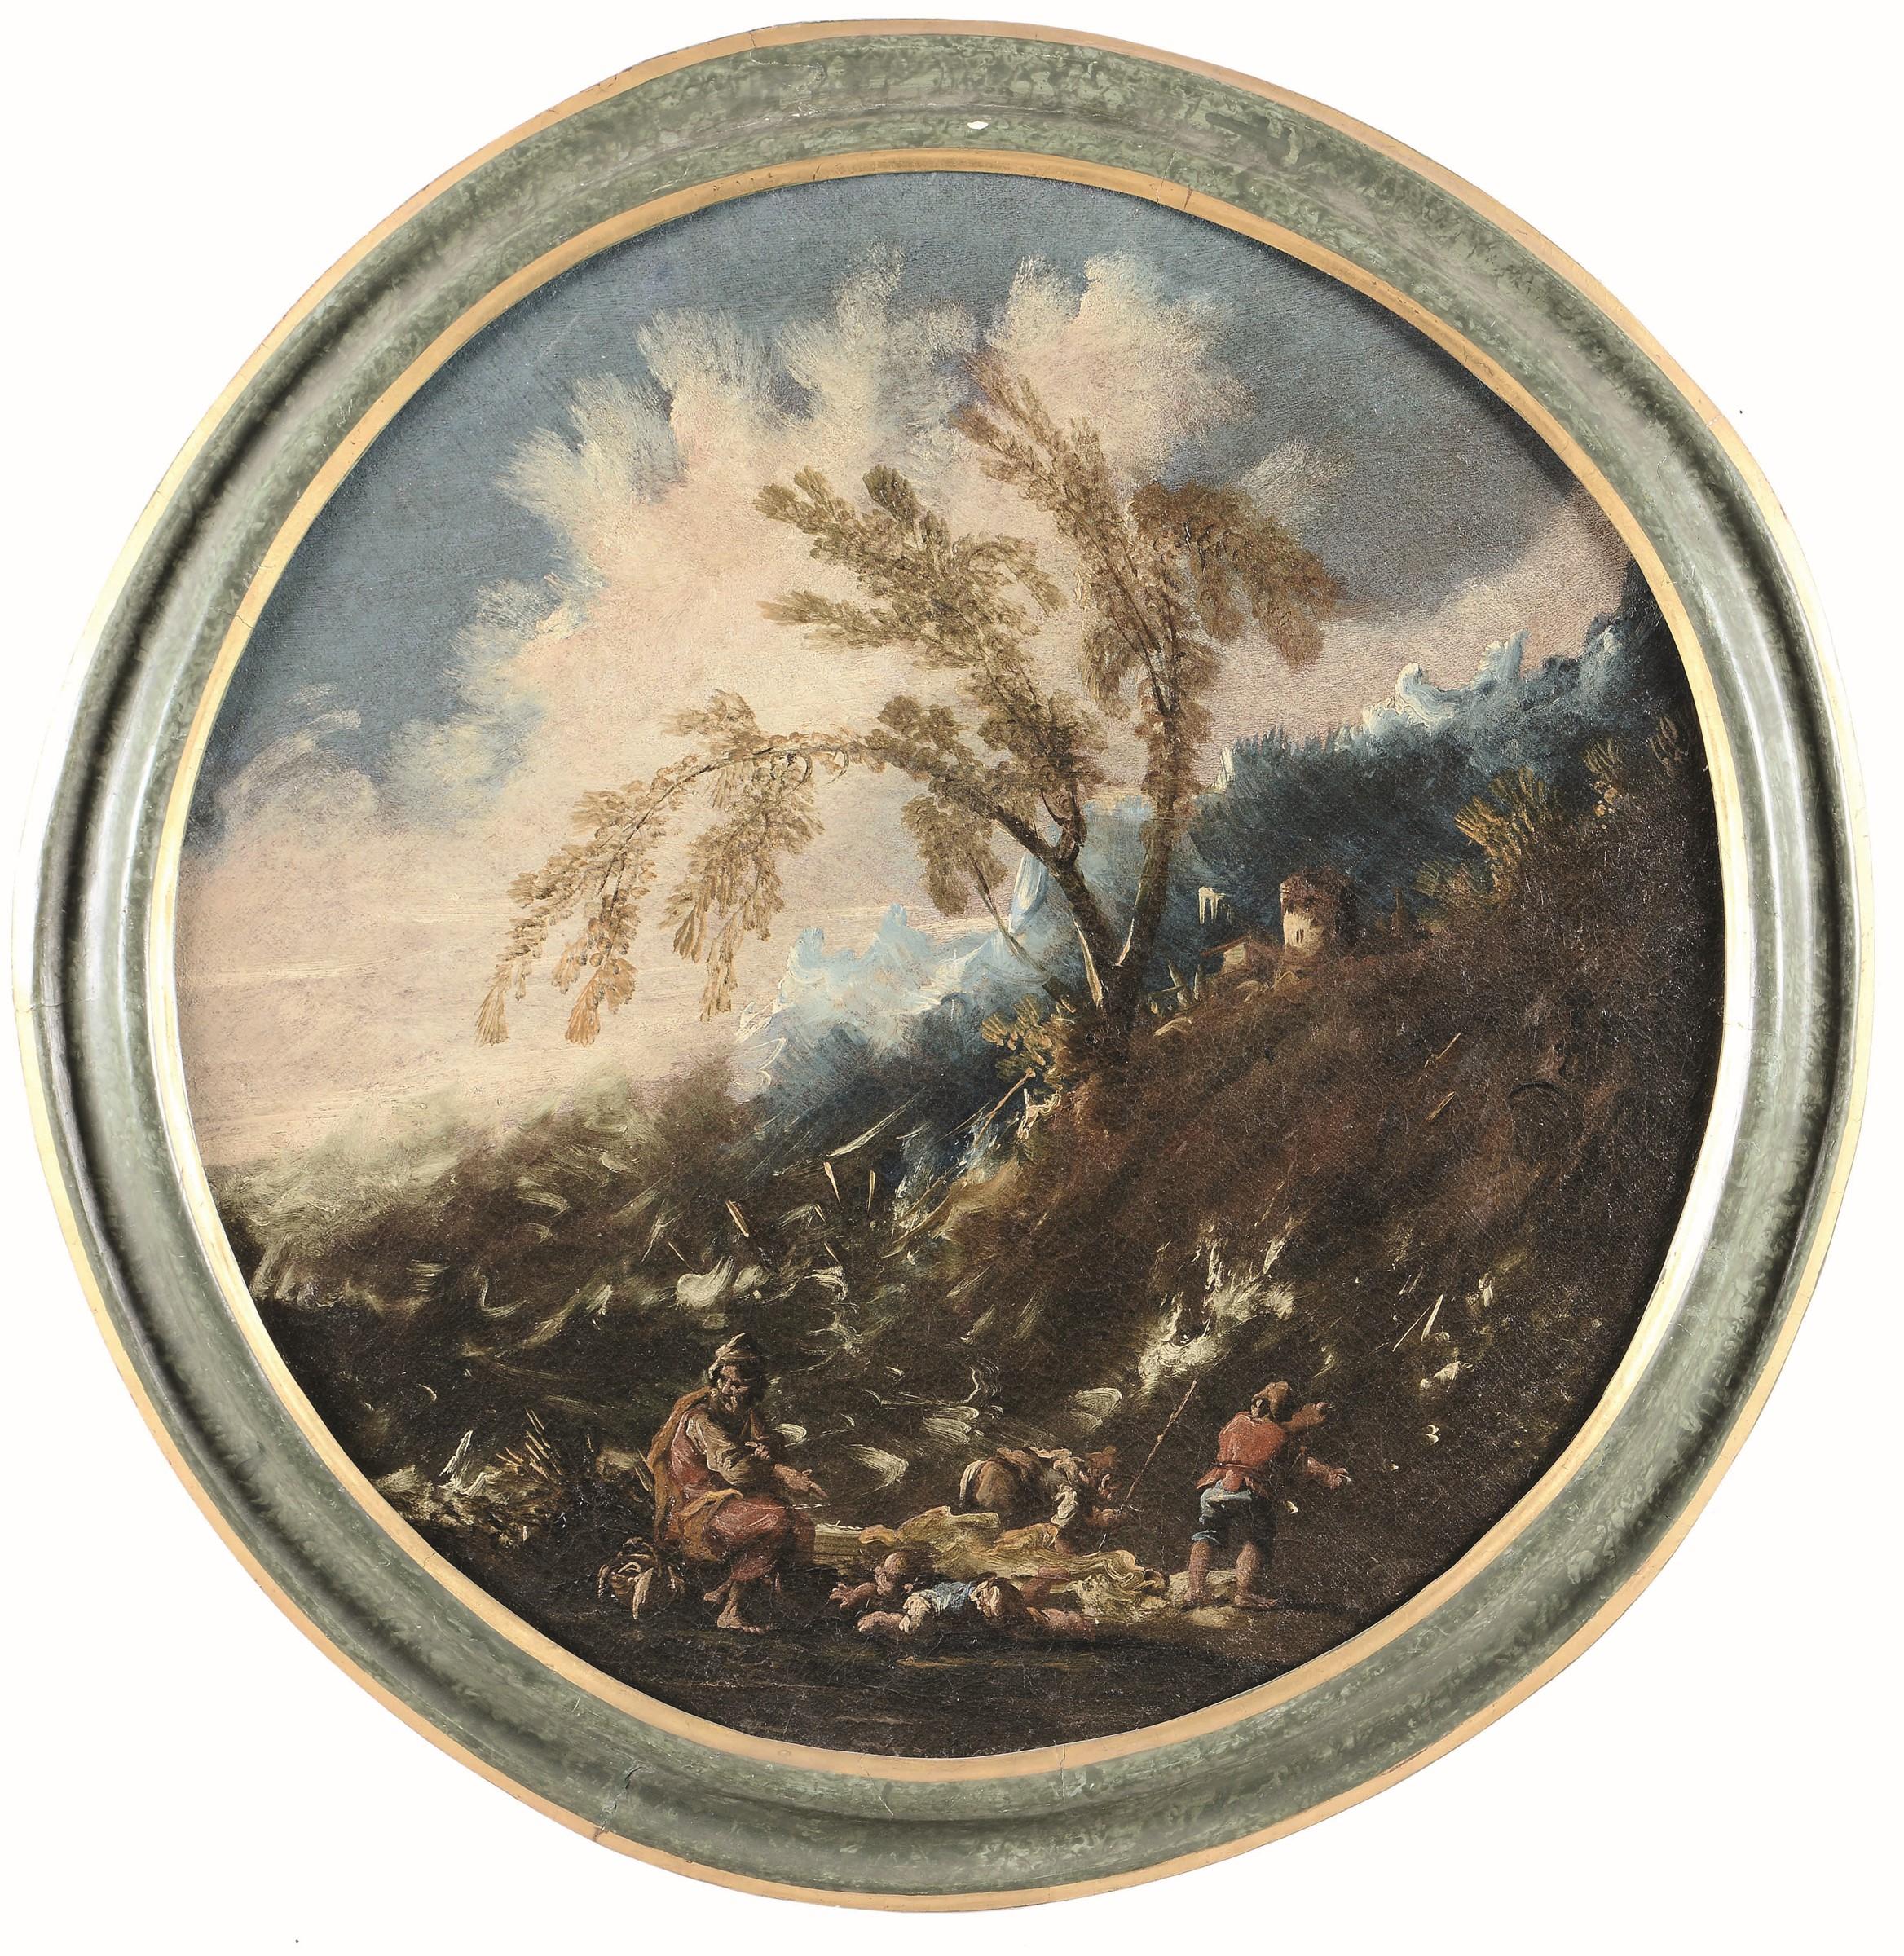 Anton Francesco Peruzzini (Ancona 1643 - Milano 1724), Paesaggio con contadini - [...] - Bild 2 aus 4